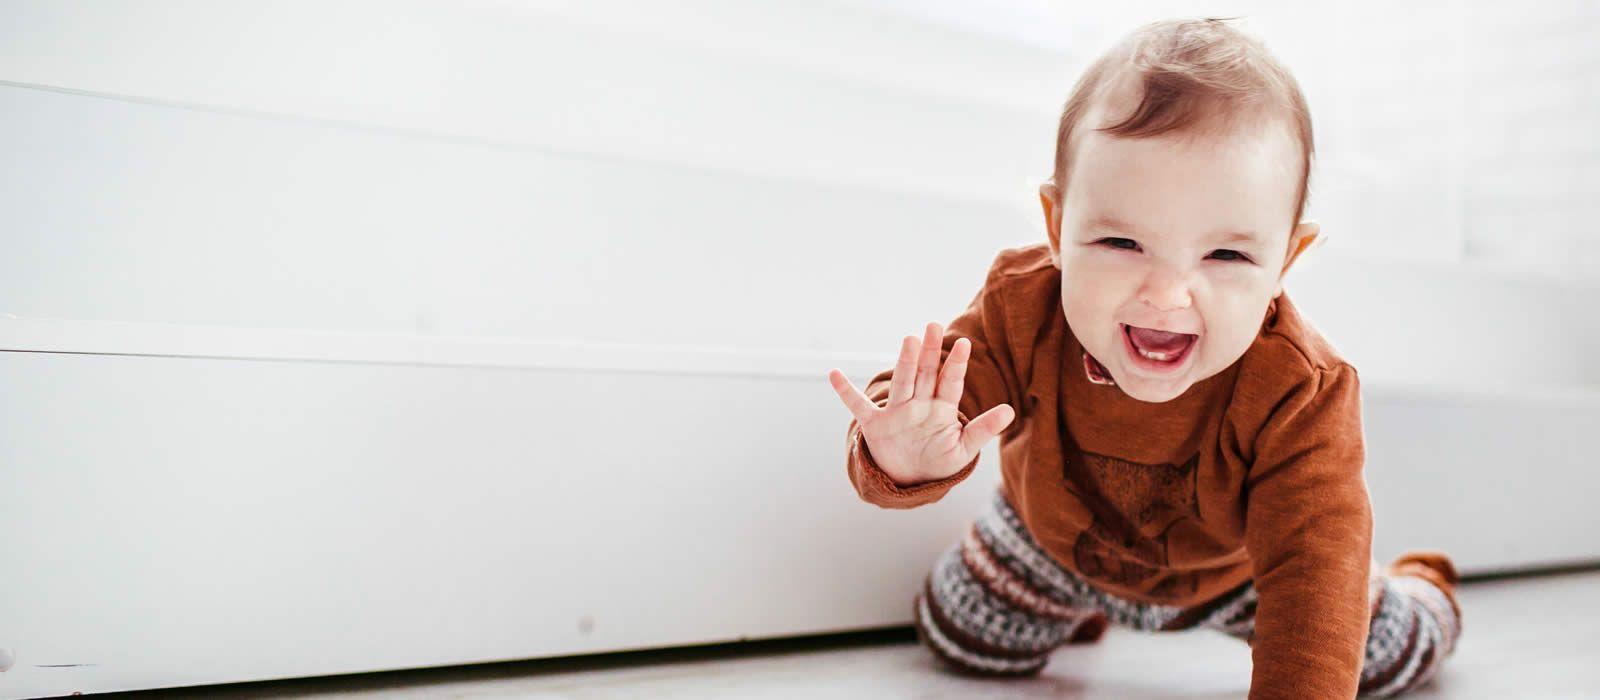 Displasia de cadera en bebés y niños, síntomas y tratamiento